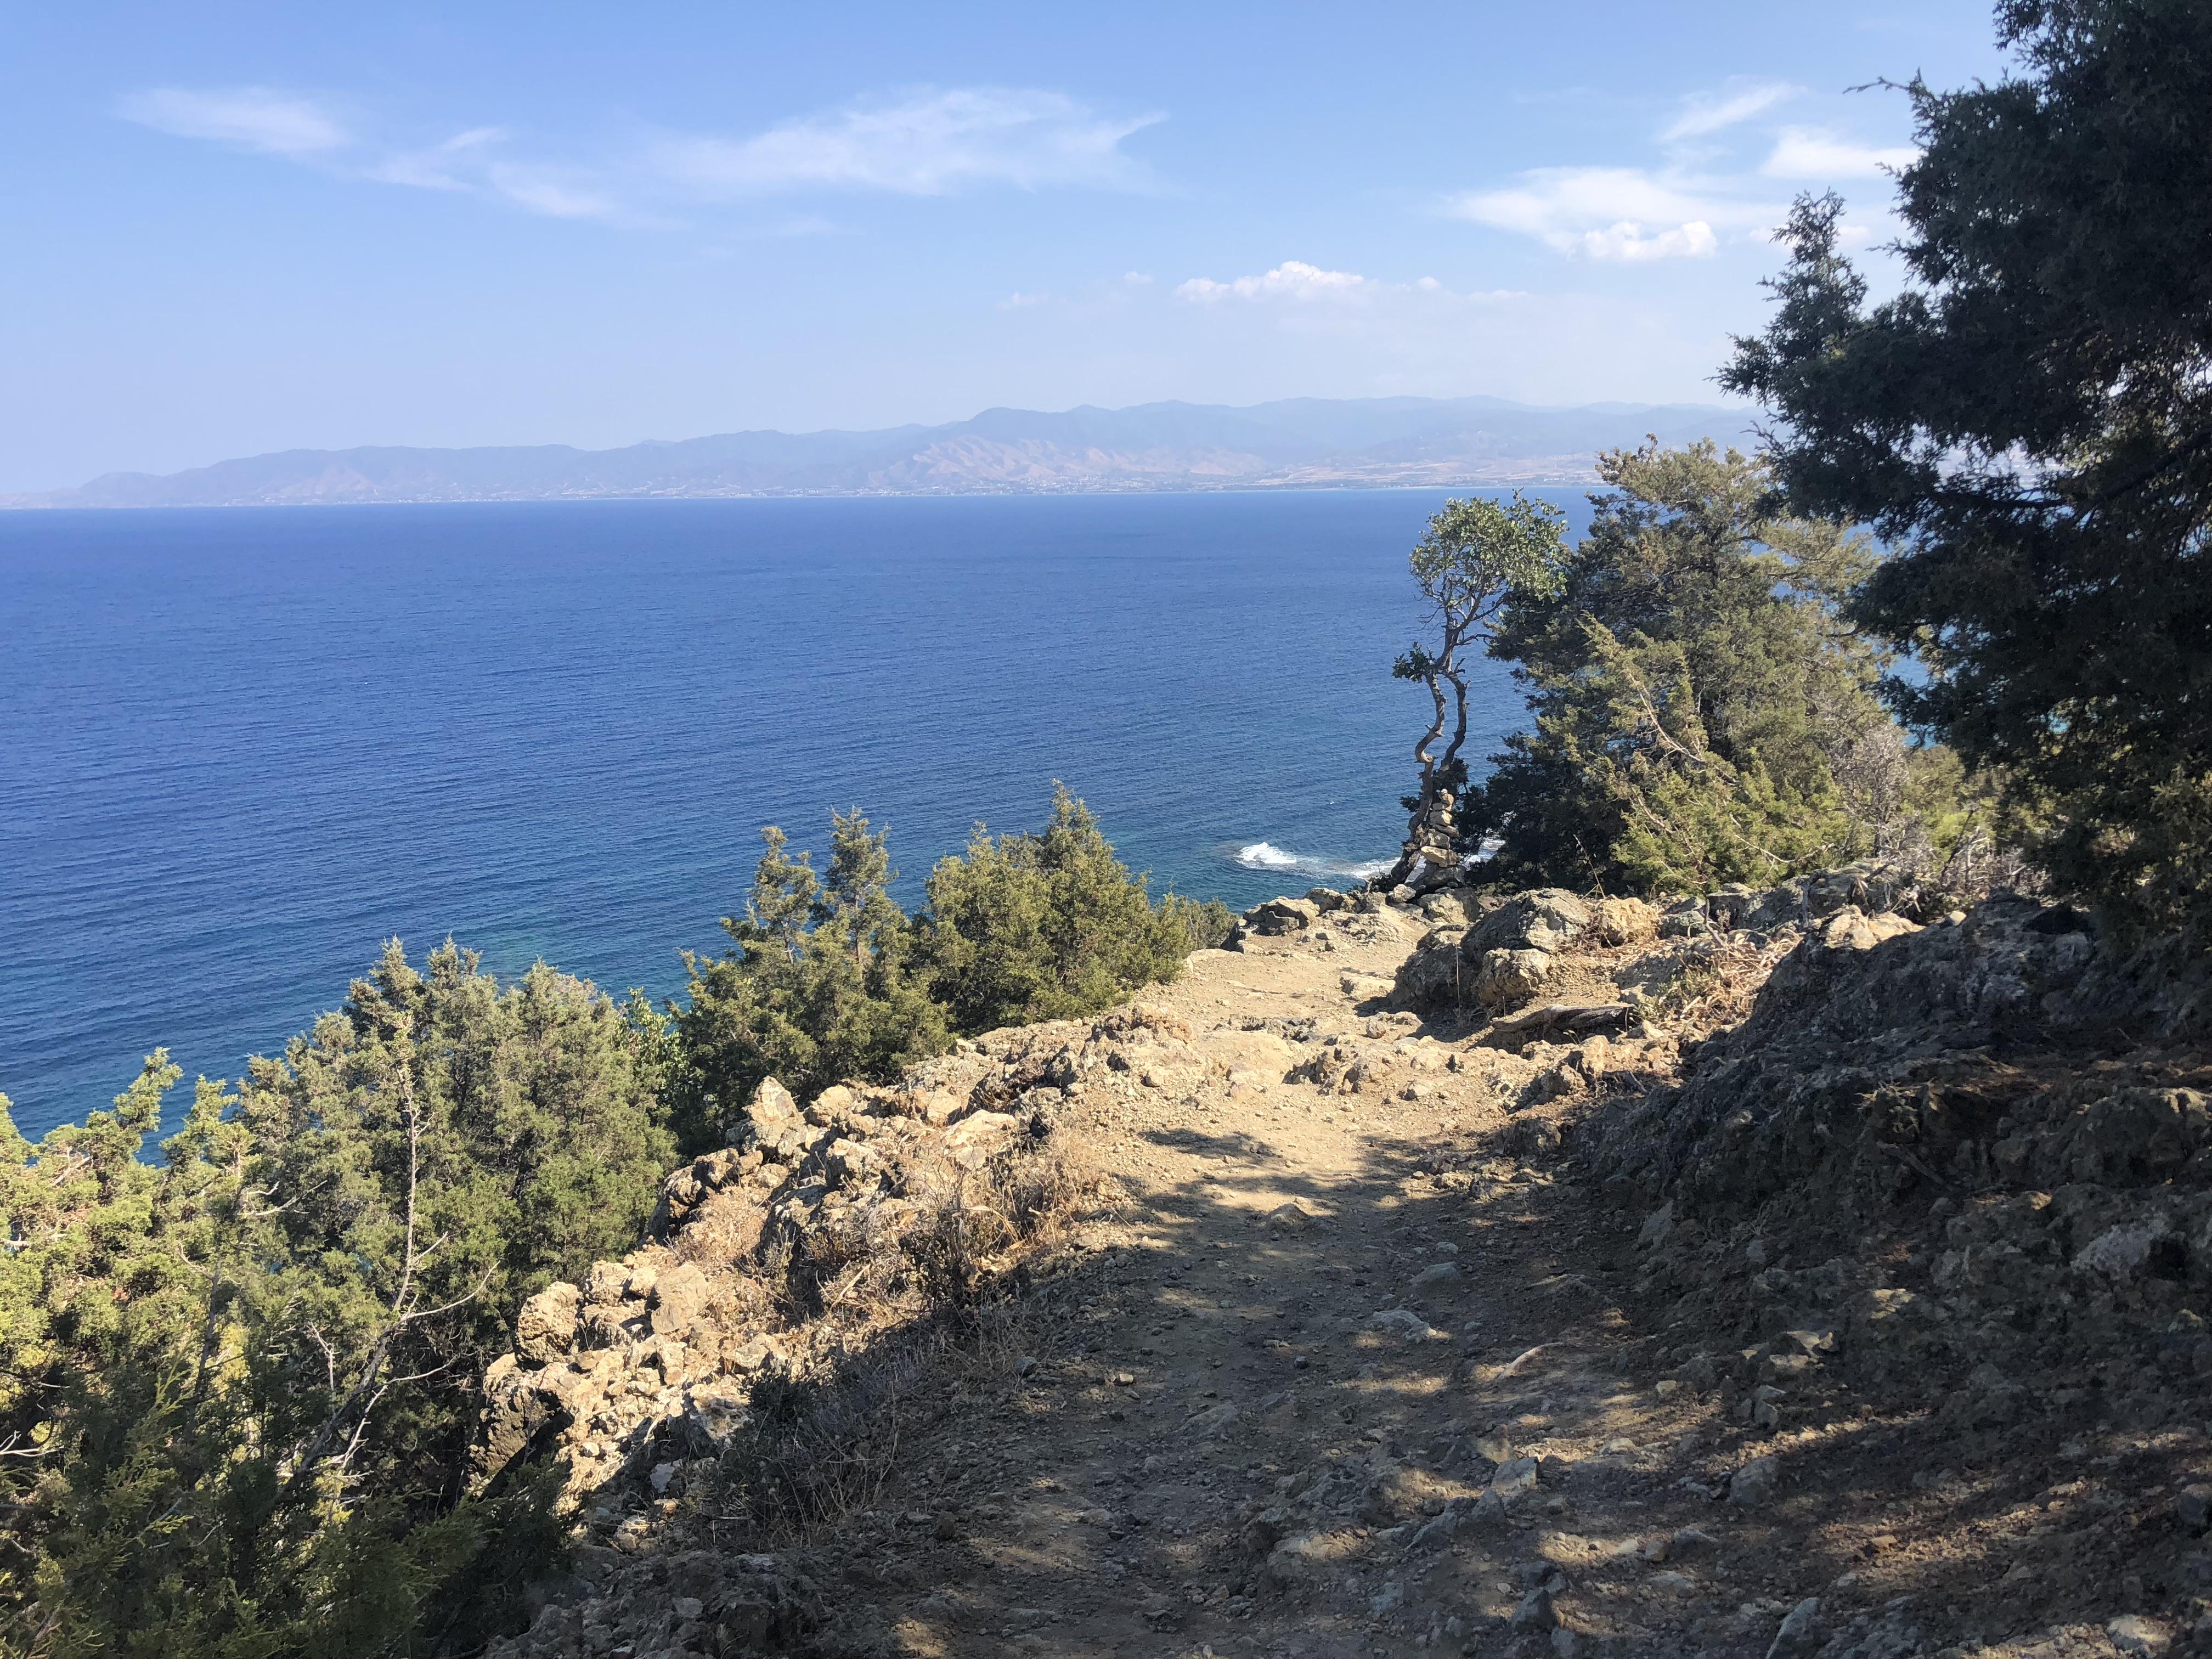 upoznavanje putem cyprusa datum pretraživanja